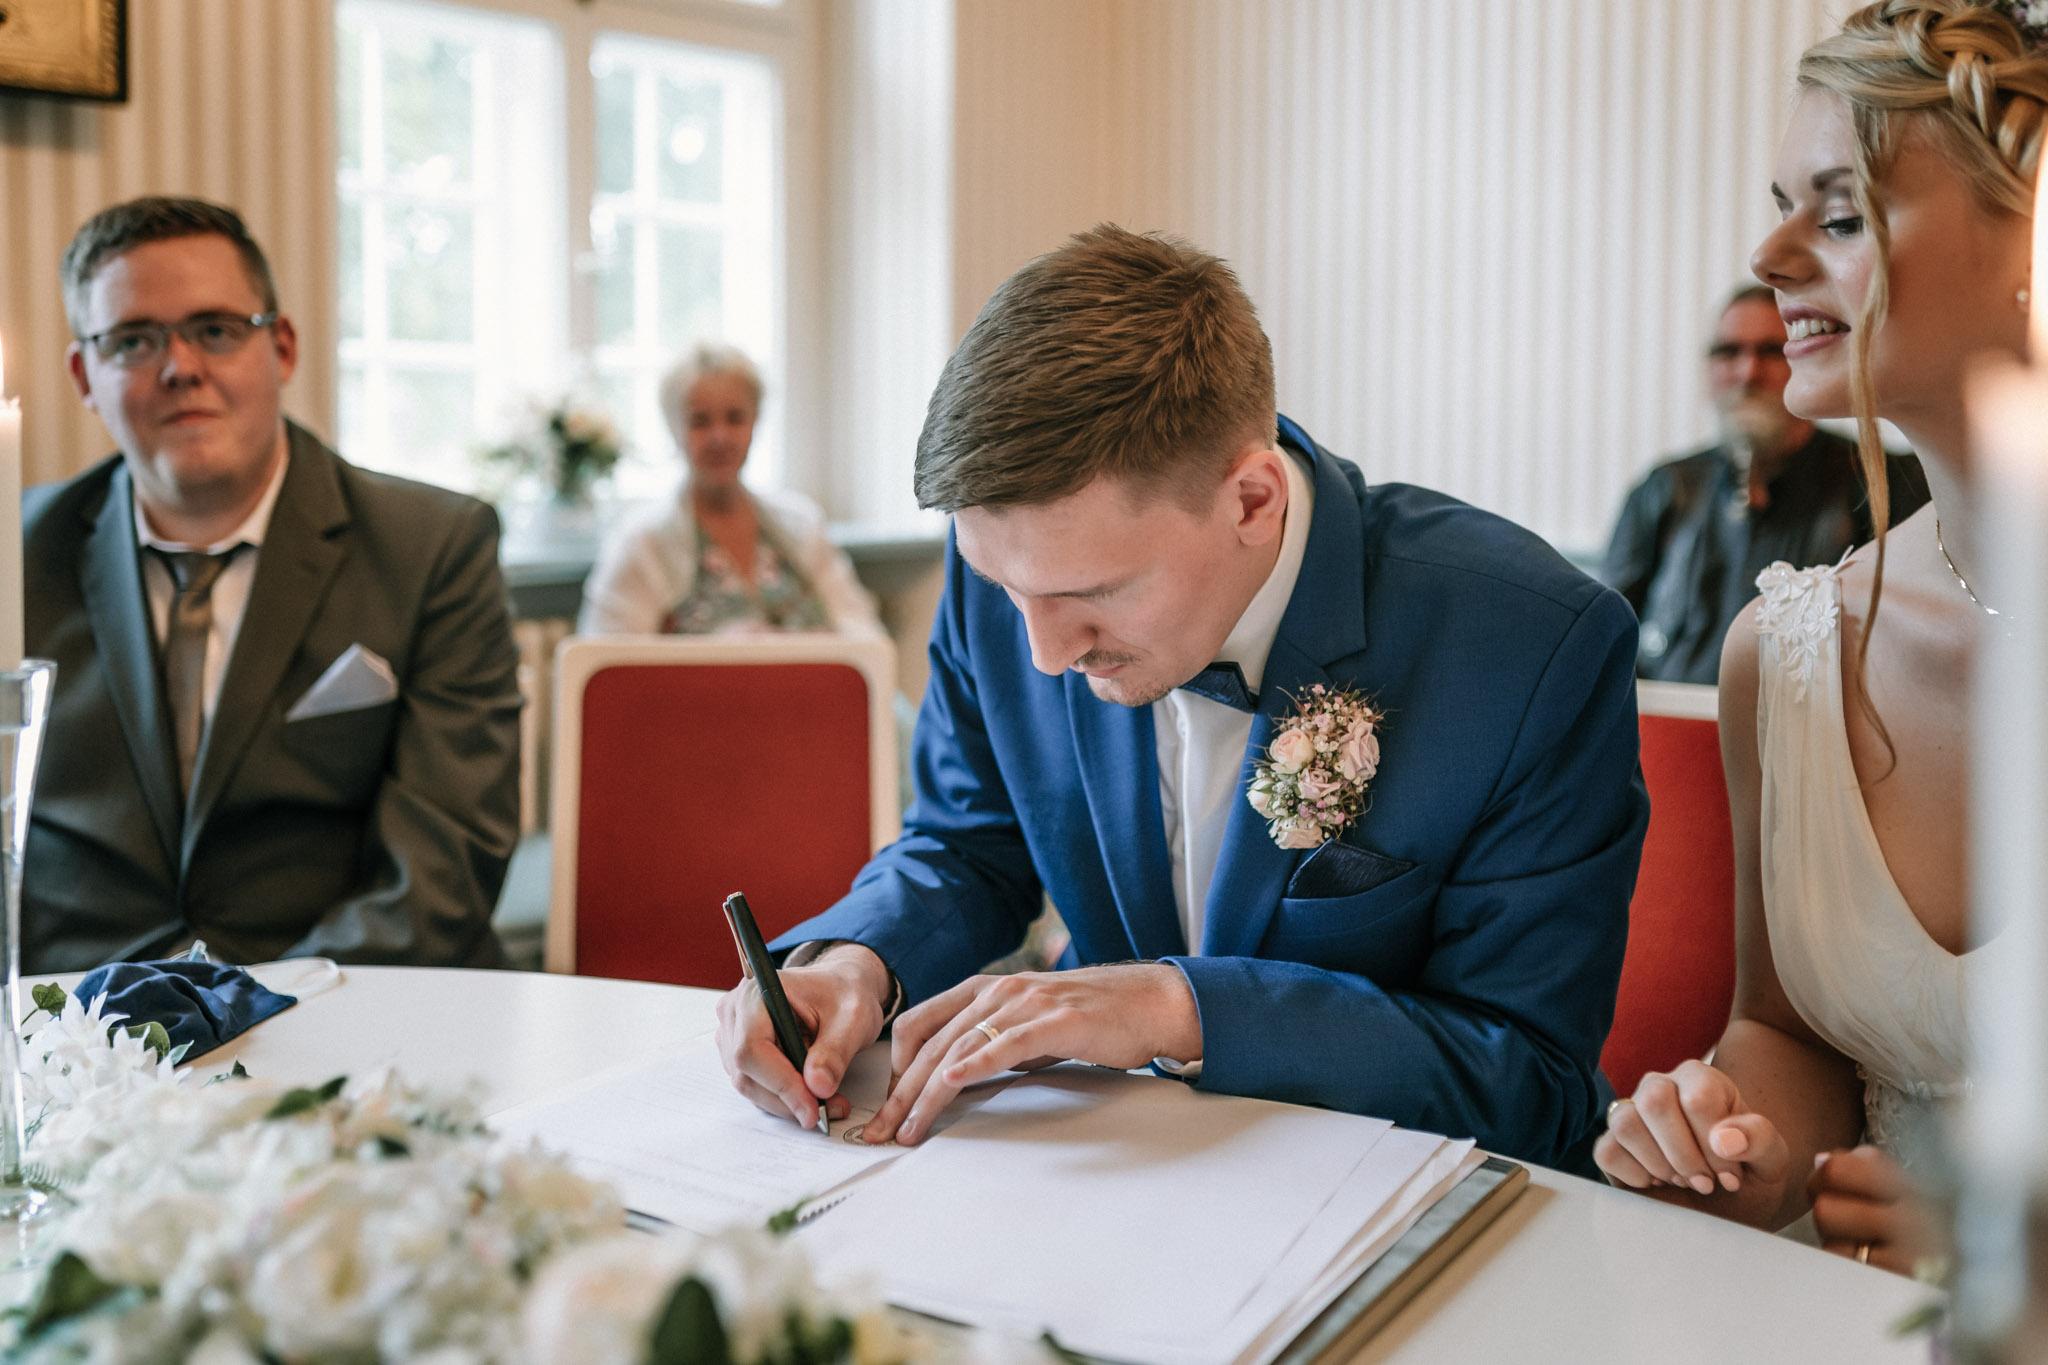 Hochzeitsfieber by Photo-Schomburg, Sven Schomburg Hochzeitsfotografie, Hochzeitsfotograf, Bad Bramstedt, Hamburg, Schleswig-Hostein-26